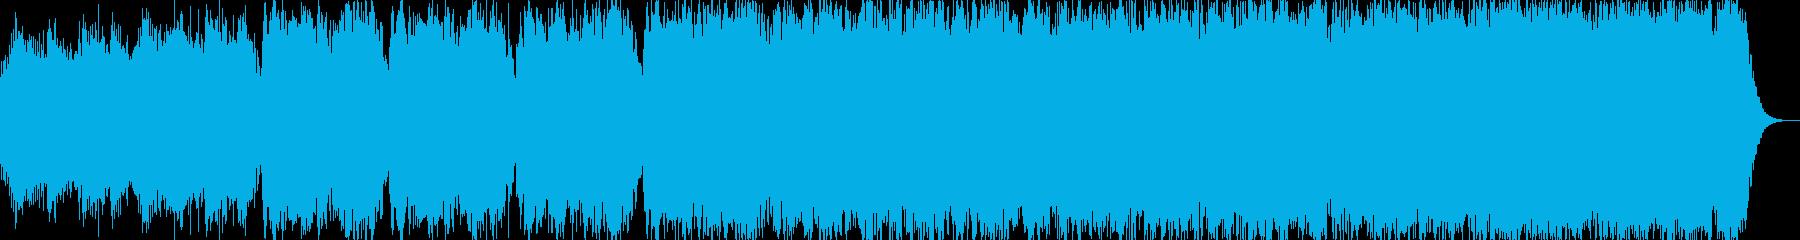 オカリナの幻想的な喜多郎風サウンドです。の再生済みの波形